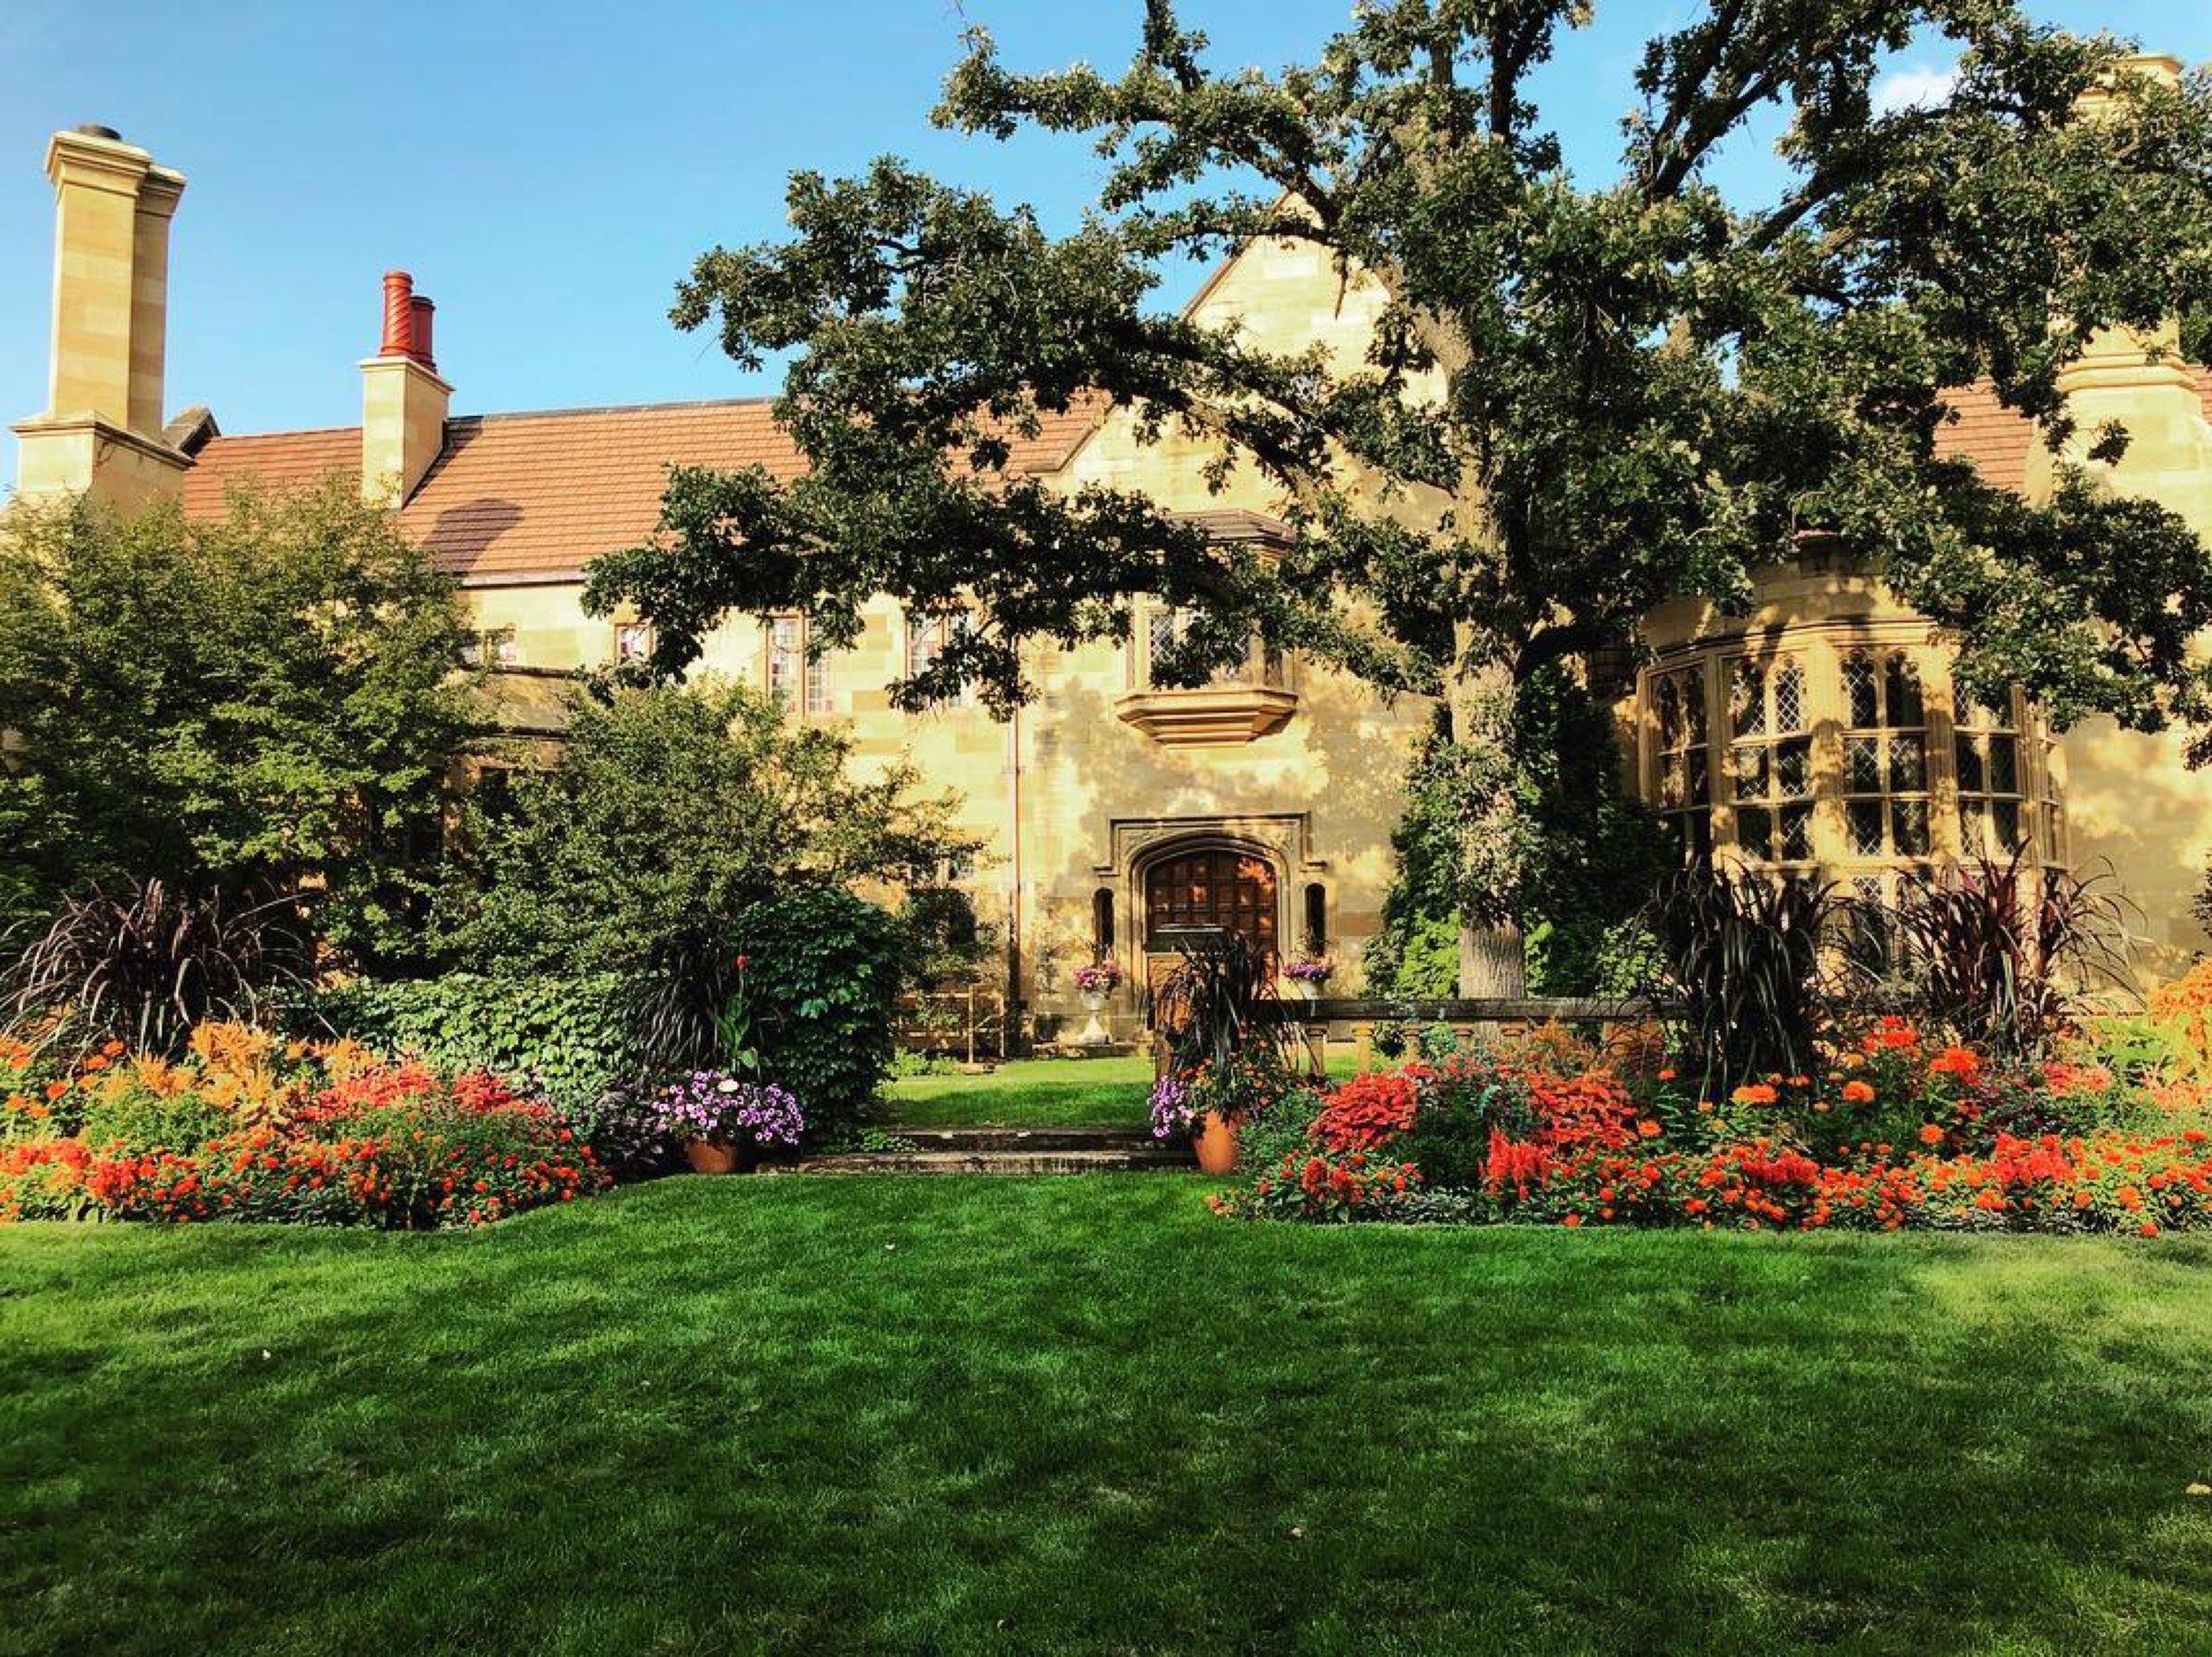 Paine+Art+Center+and+Gardens.jpeg